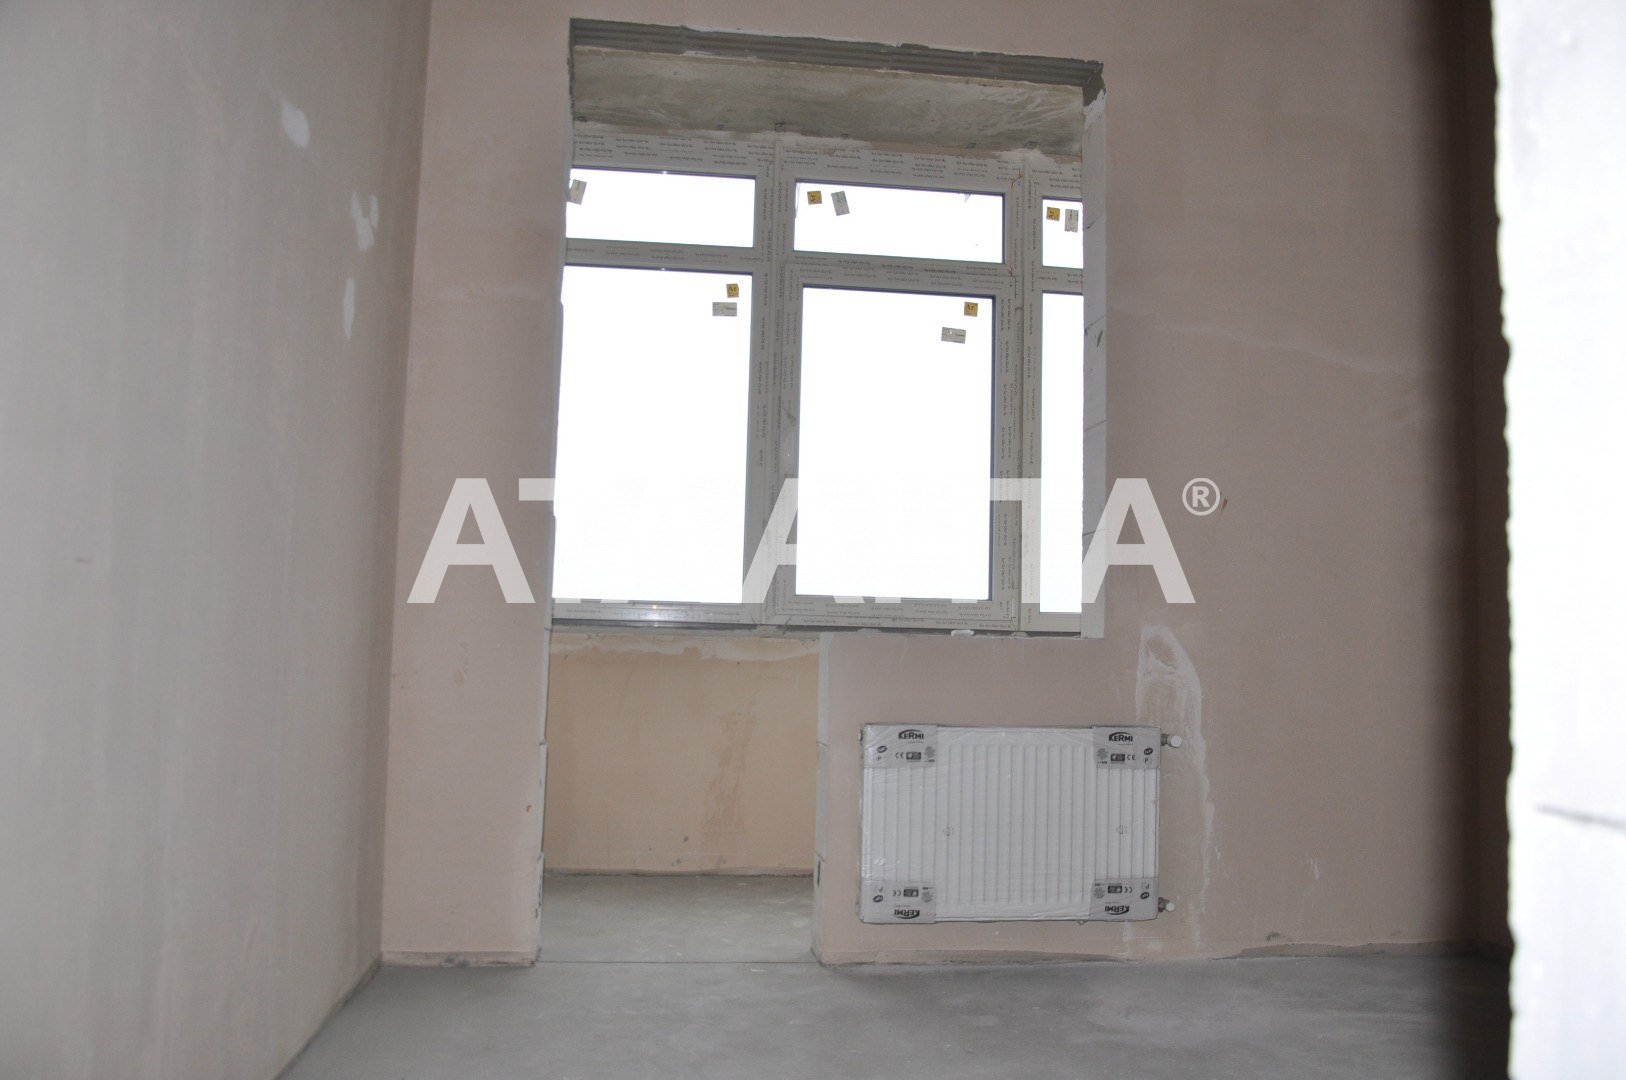 Продается 1-комнатная Квартира на ул. Фонтанская Дор. (Перекопской Дивизии) — 44 000 у.е. (фото №7)